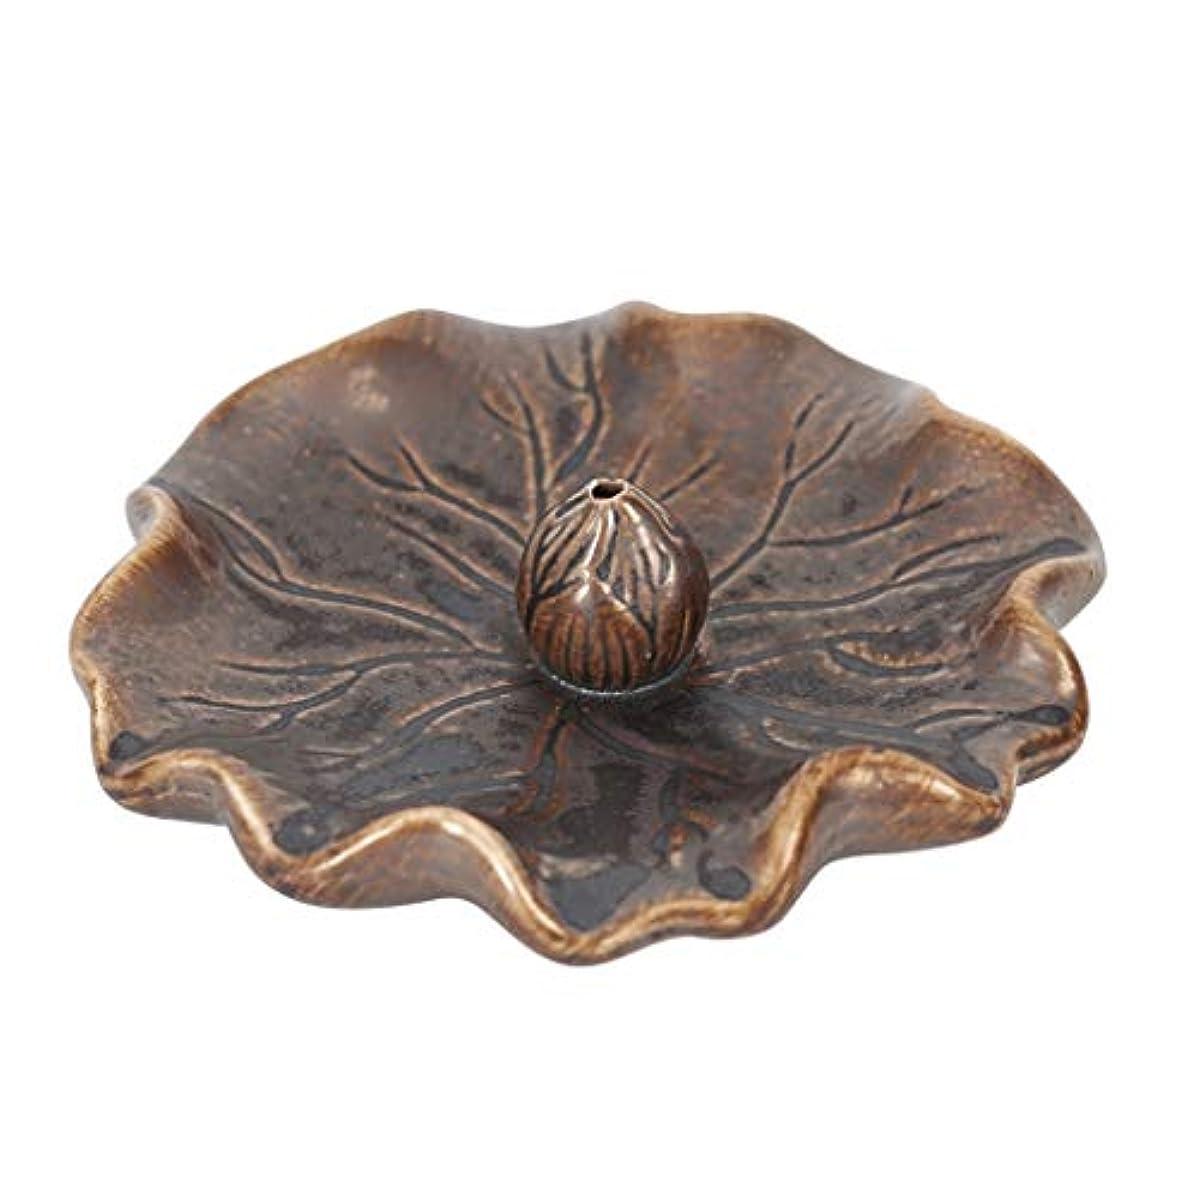 ピジン宇宙のパシフィックライン香バーナー蓮の葉アンティーク香ホルダービャクダン炉ホーム屋内香りの良い皿セラミック香ホルダー (Color : Brass, サイズ : 4.52*1.18inchs)